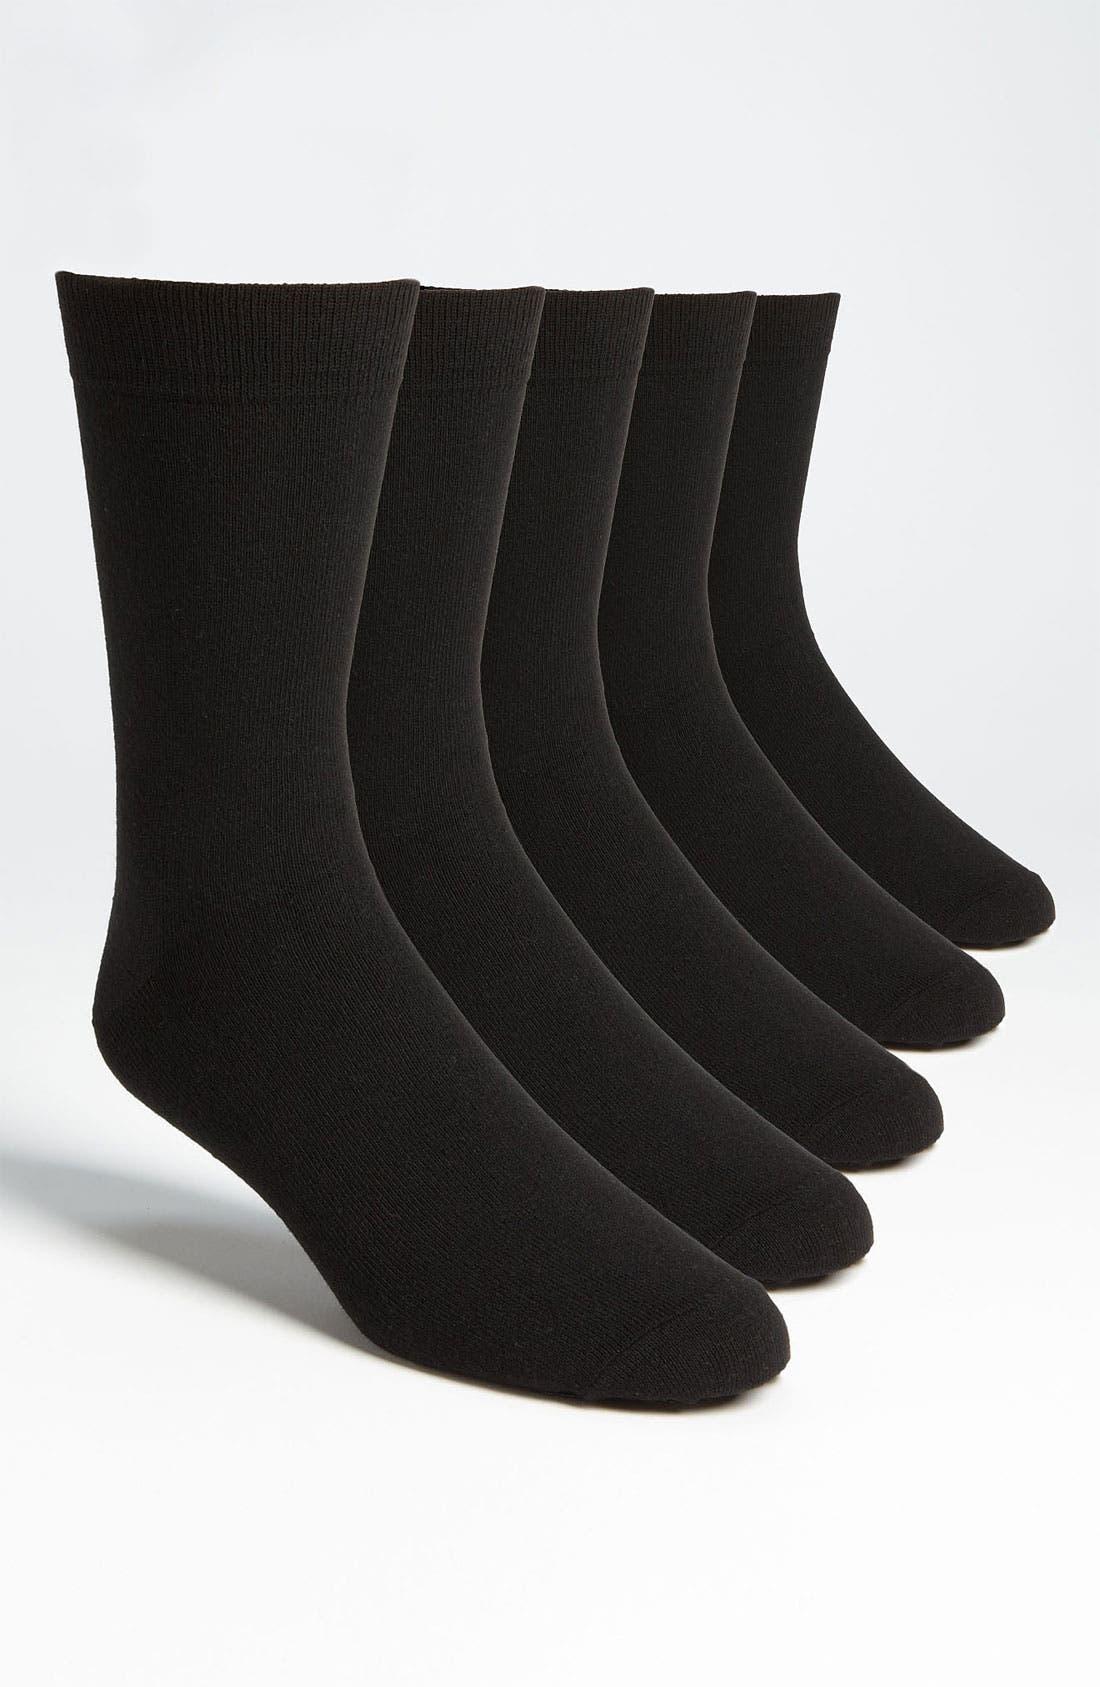 Main Image - Topman Socks (5-Pack)